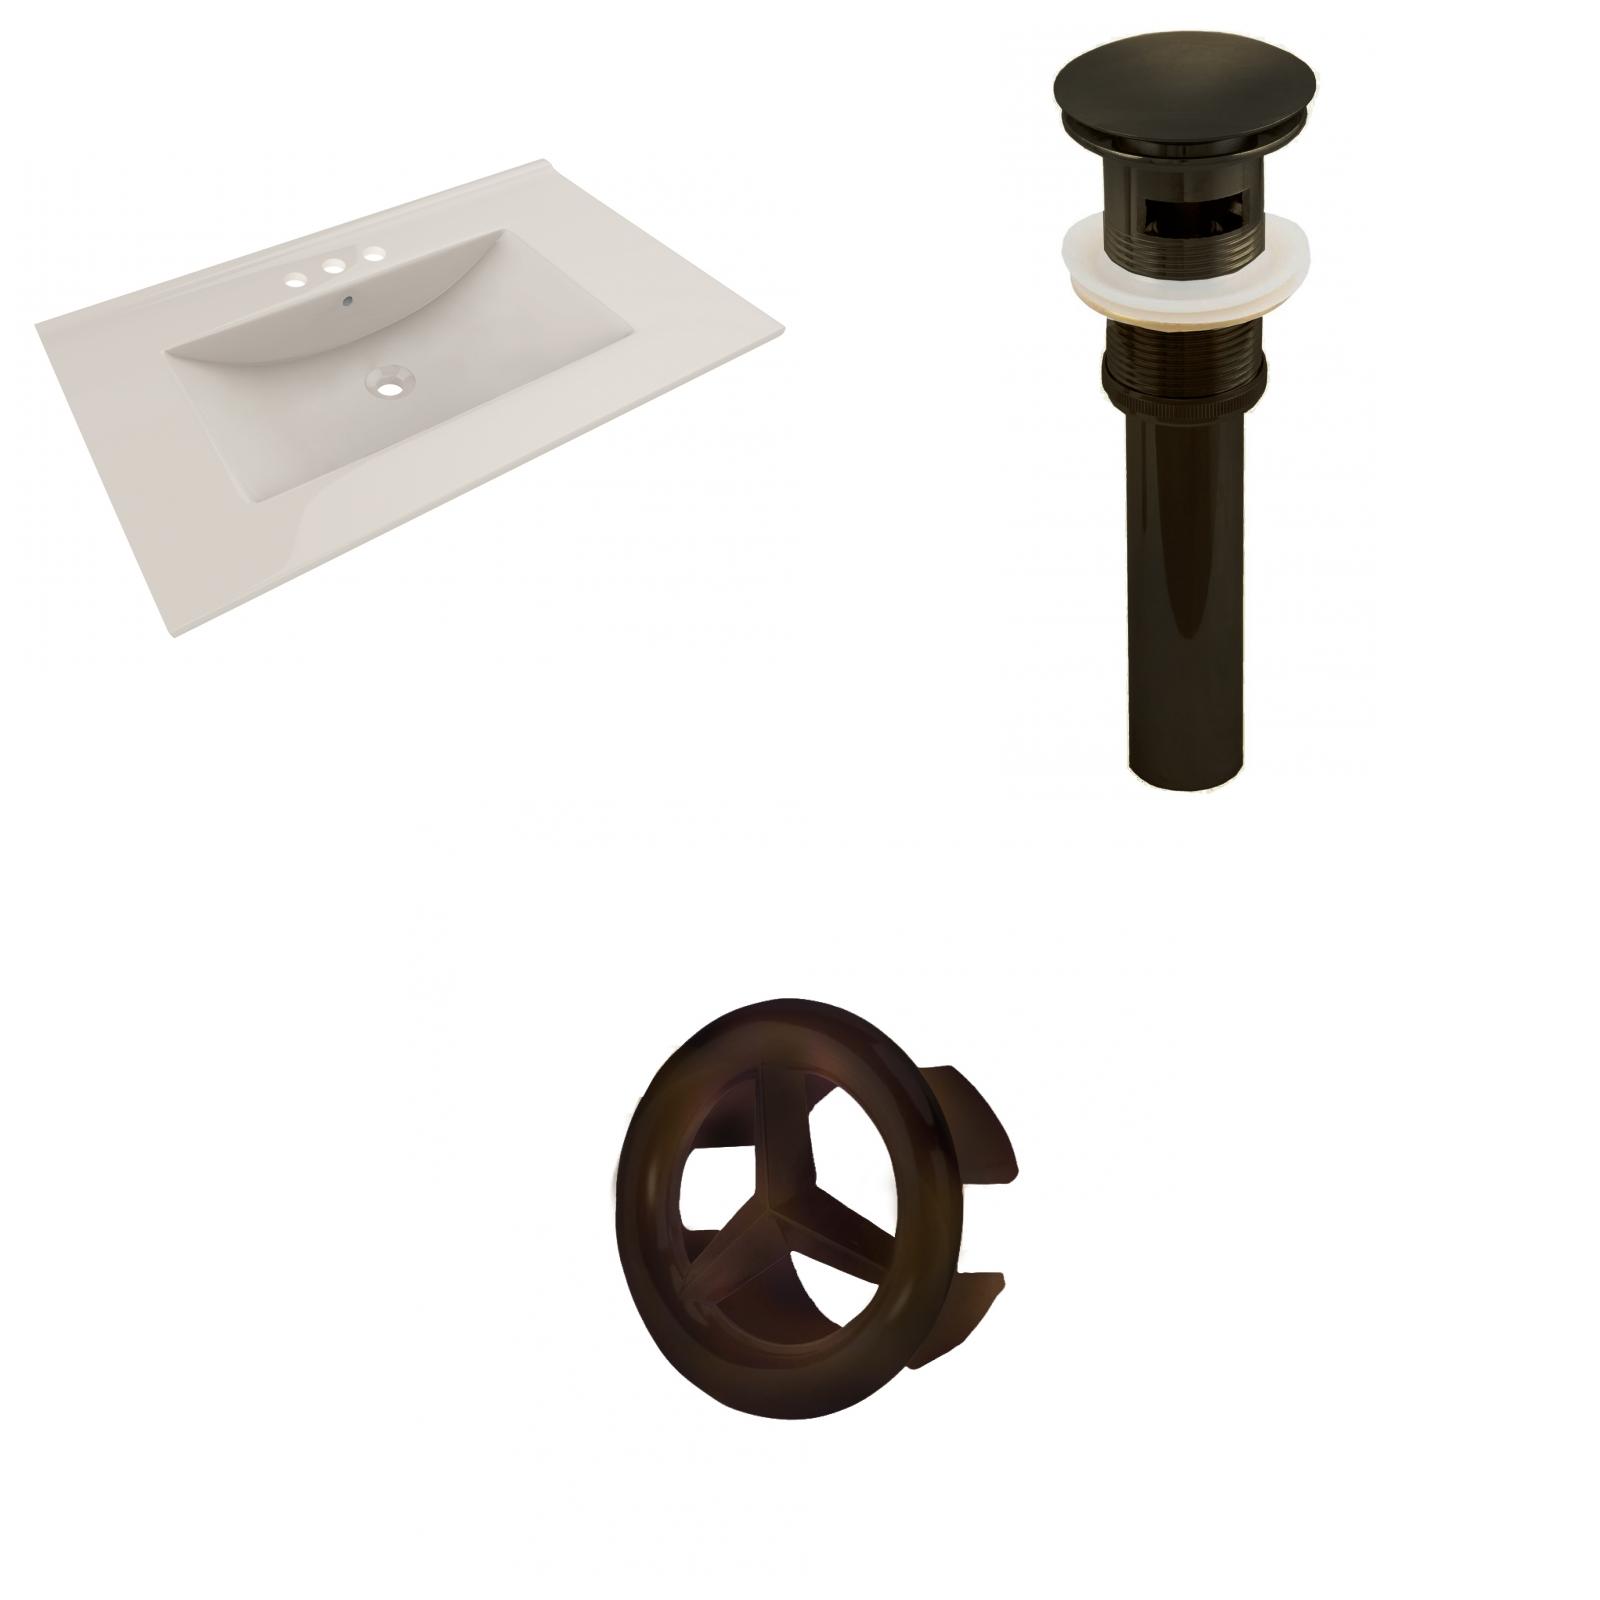 Wooden Bathroom Accessories Set Vanities Faucets Bathroom Accessories Vessels Sinks Wood